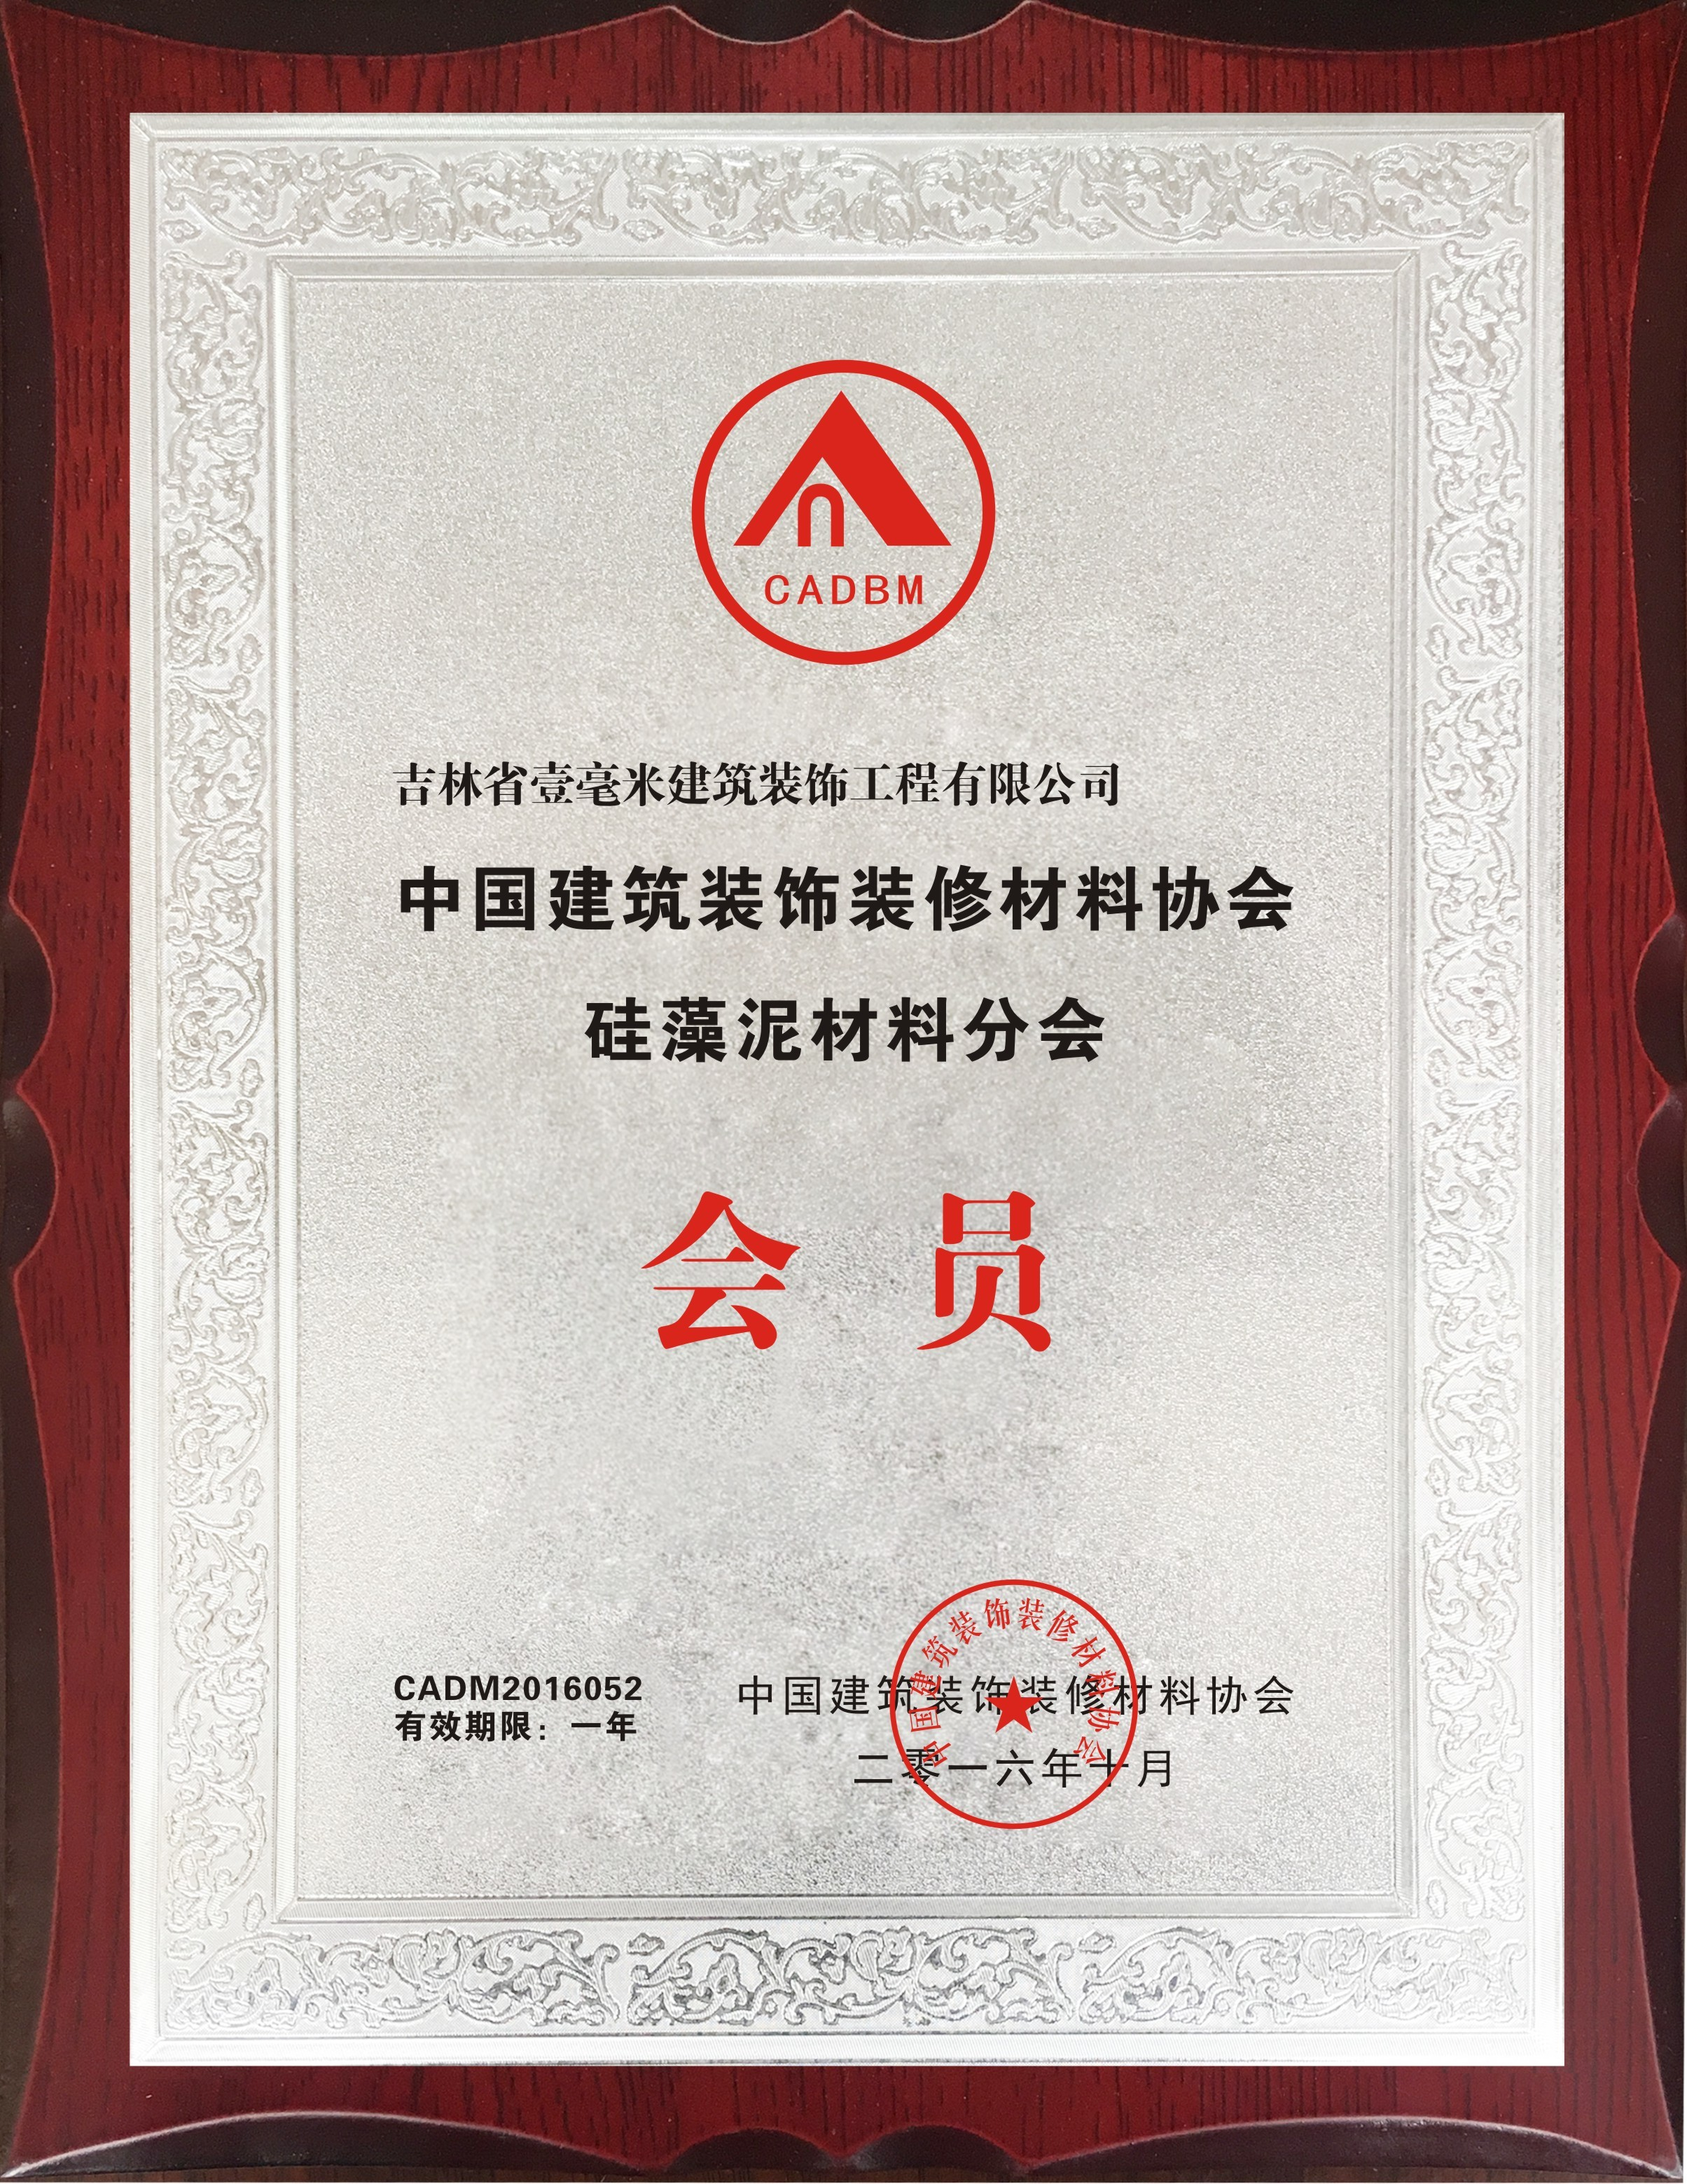 中国建筑装饰装卸材料协会吉祥坊wellbet最新版材料分会会员